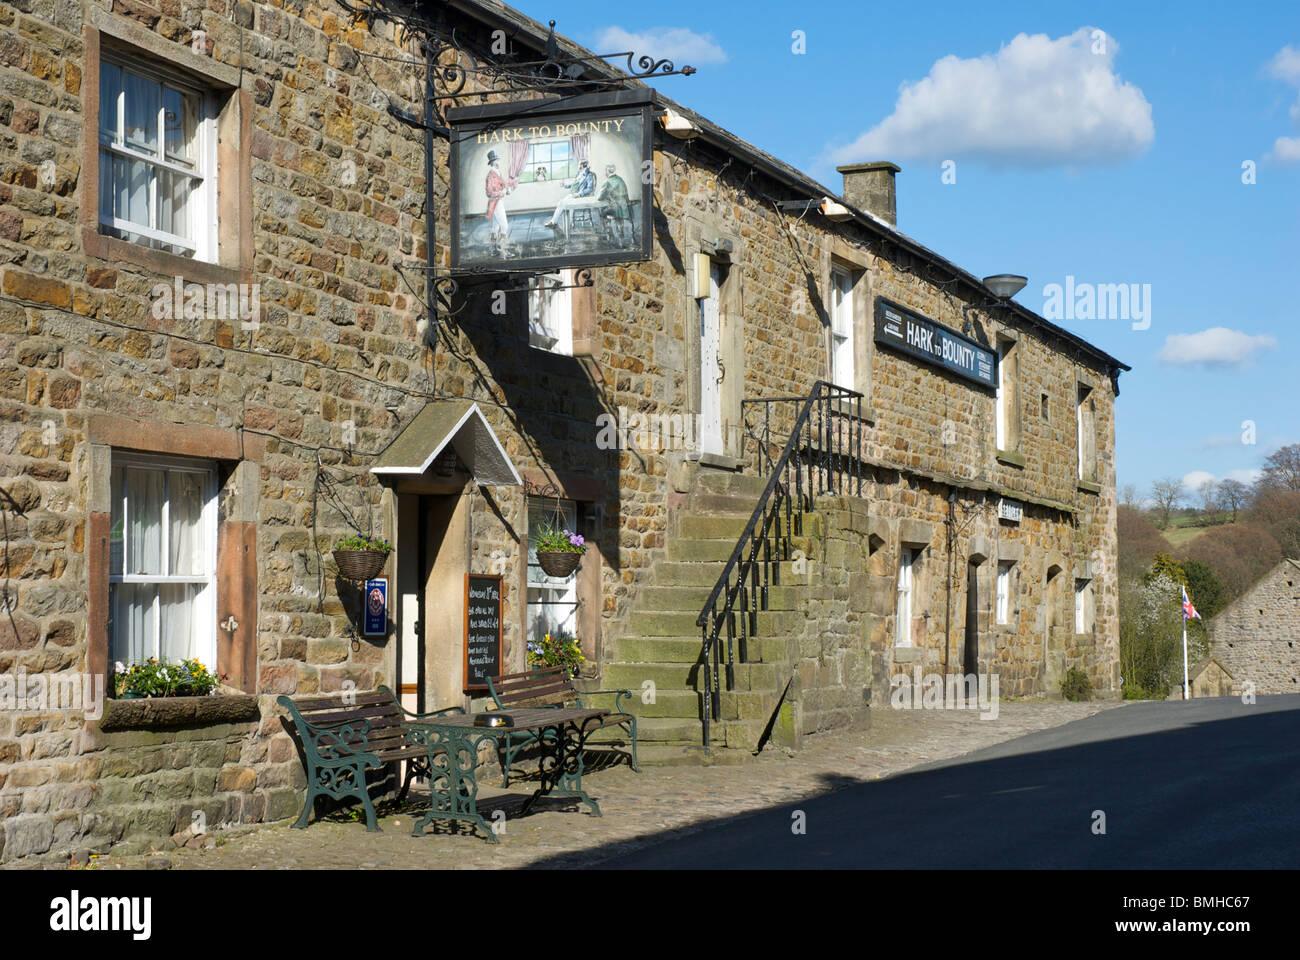 The Hark to Bounty pub, Slaidburn, Lancashire, England UK - Stock Image